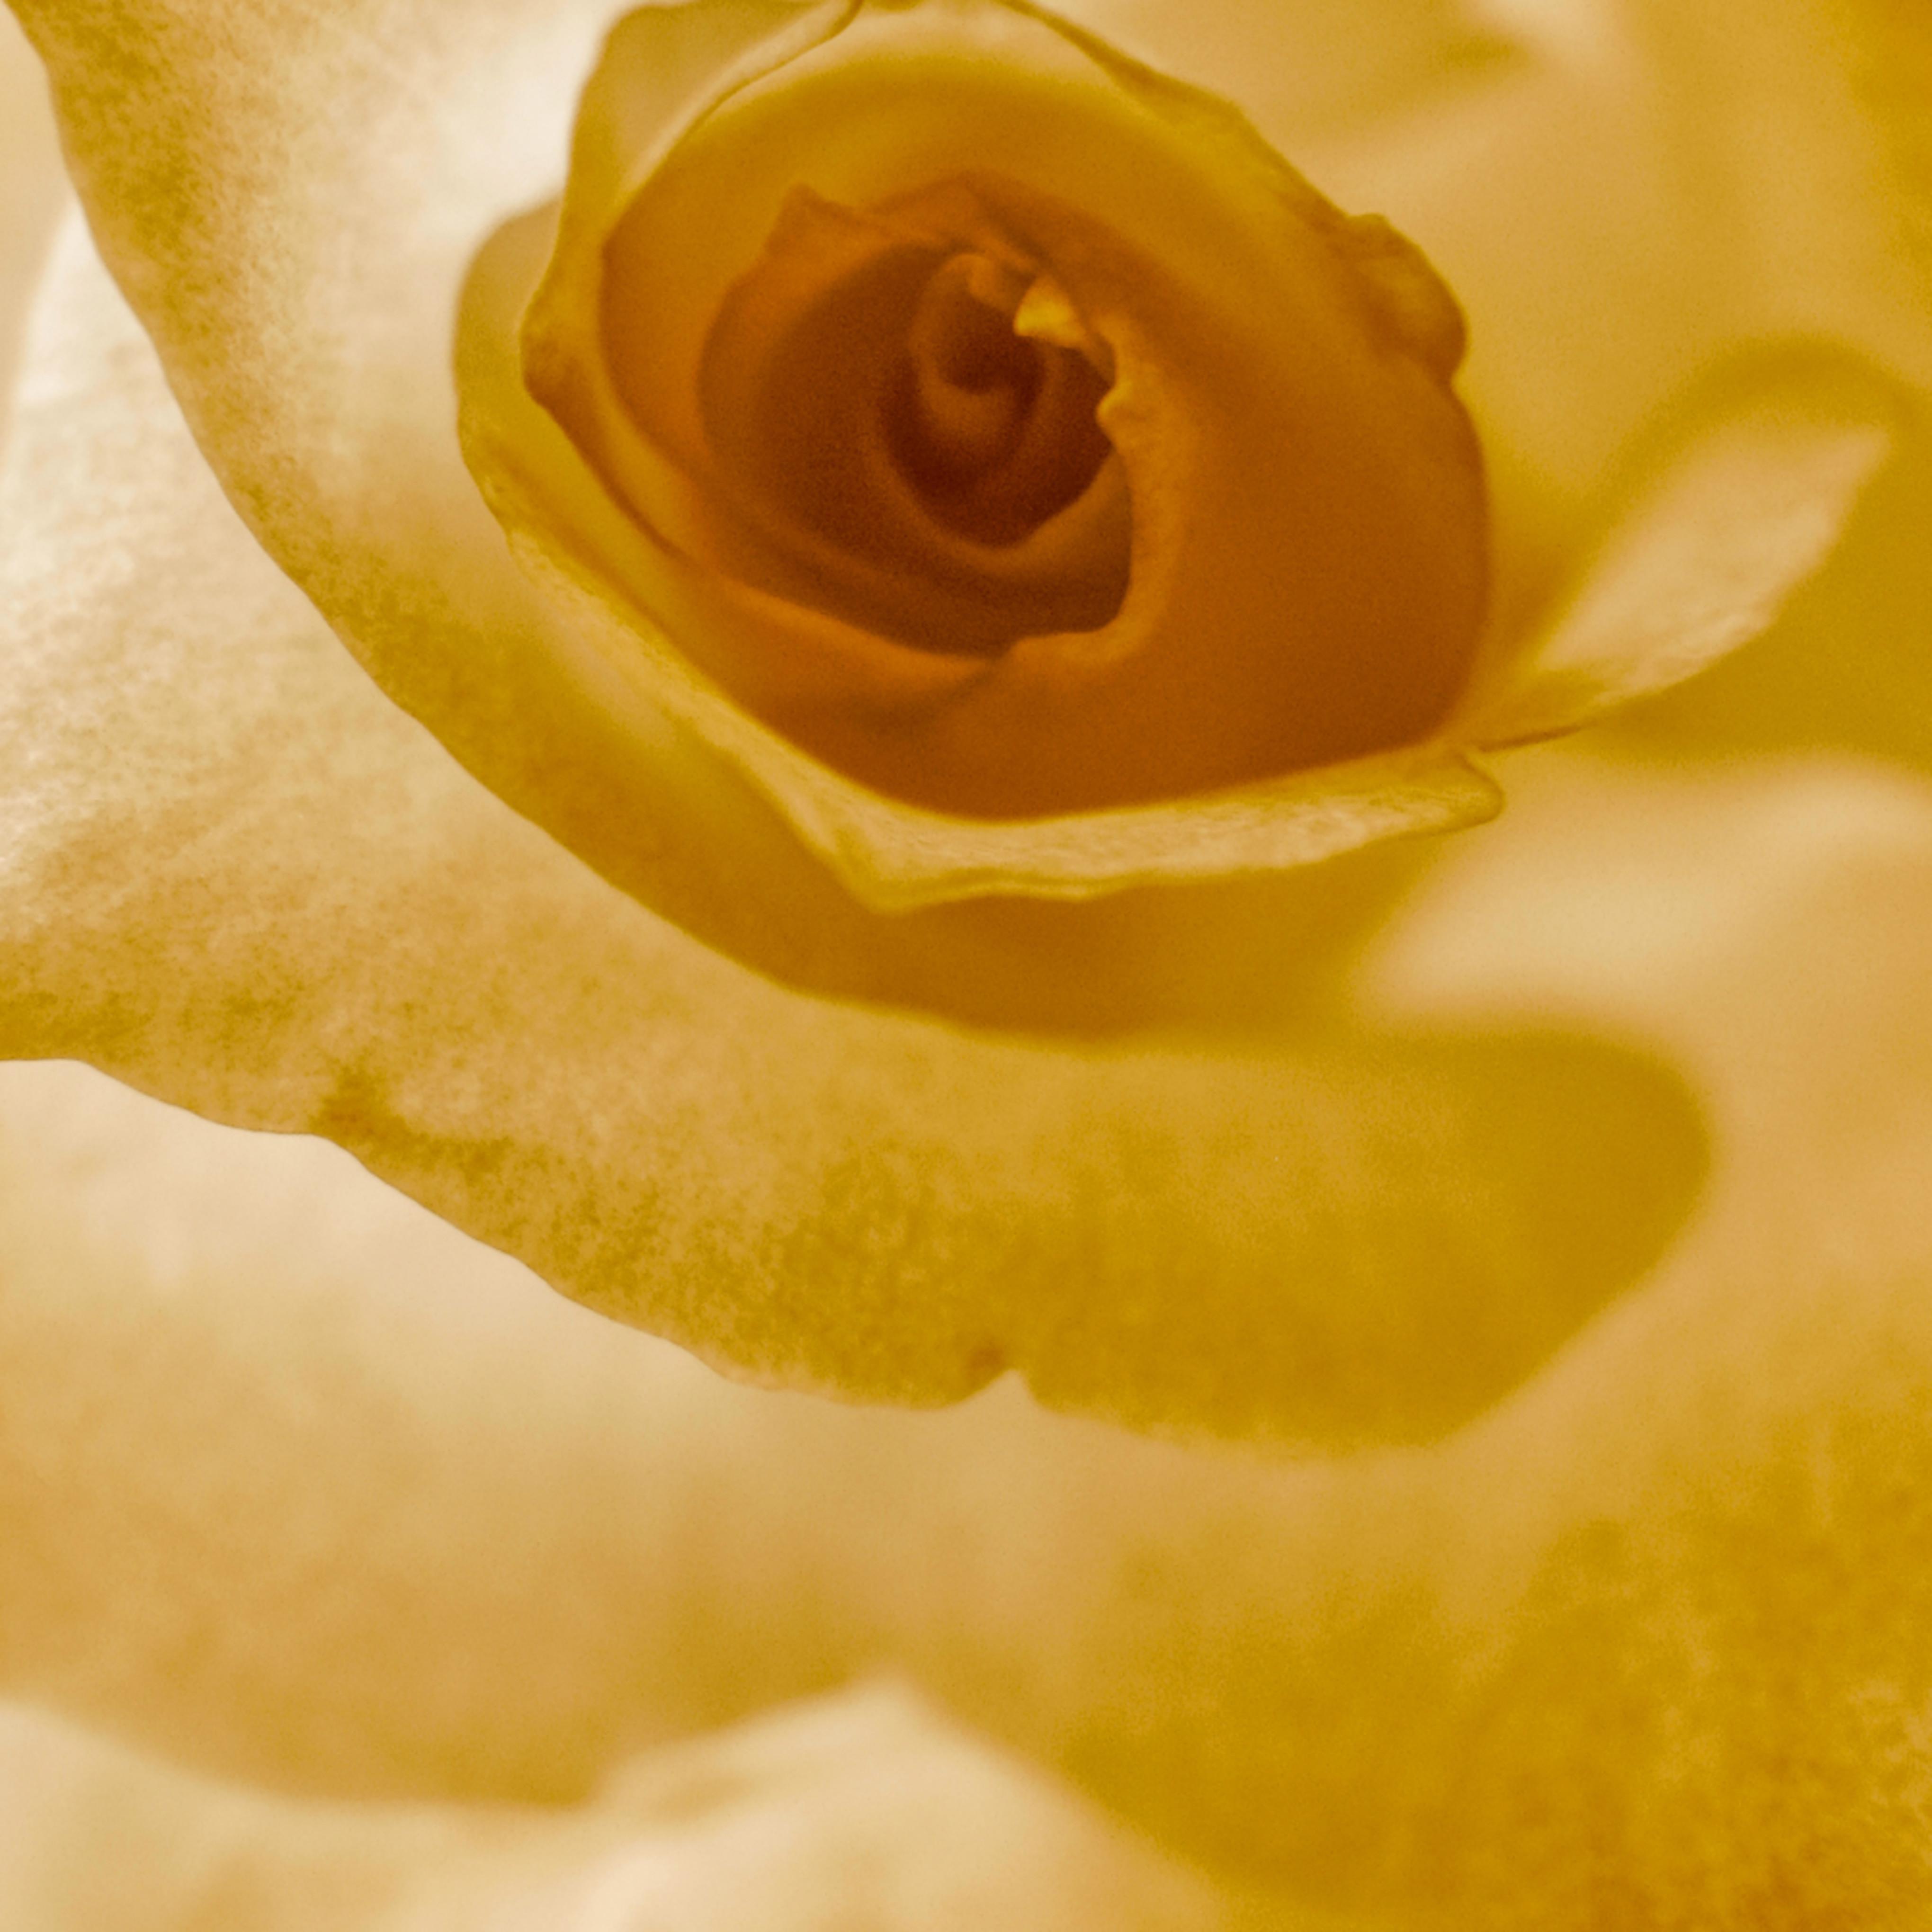 Rose in sepia ghmndi